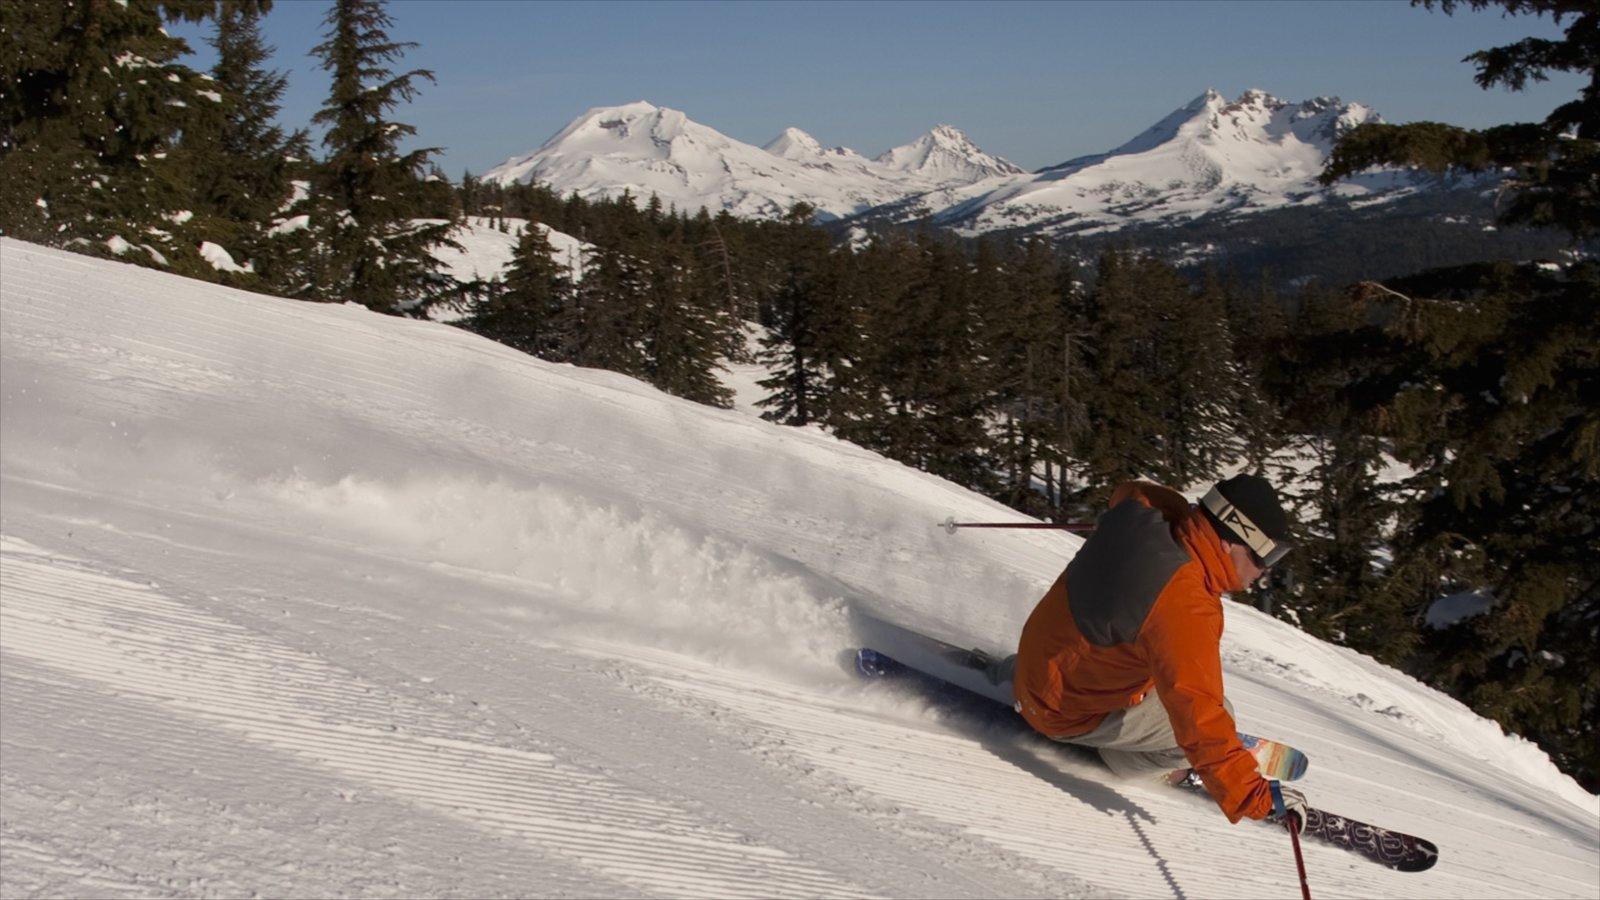 Mt Bachelor Ski Resort ofreciendo esquiar en la nieve y nieve